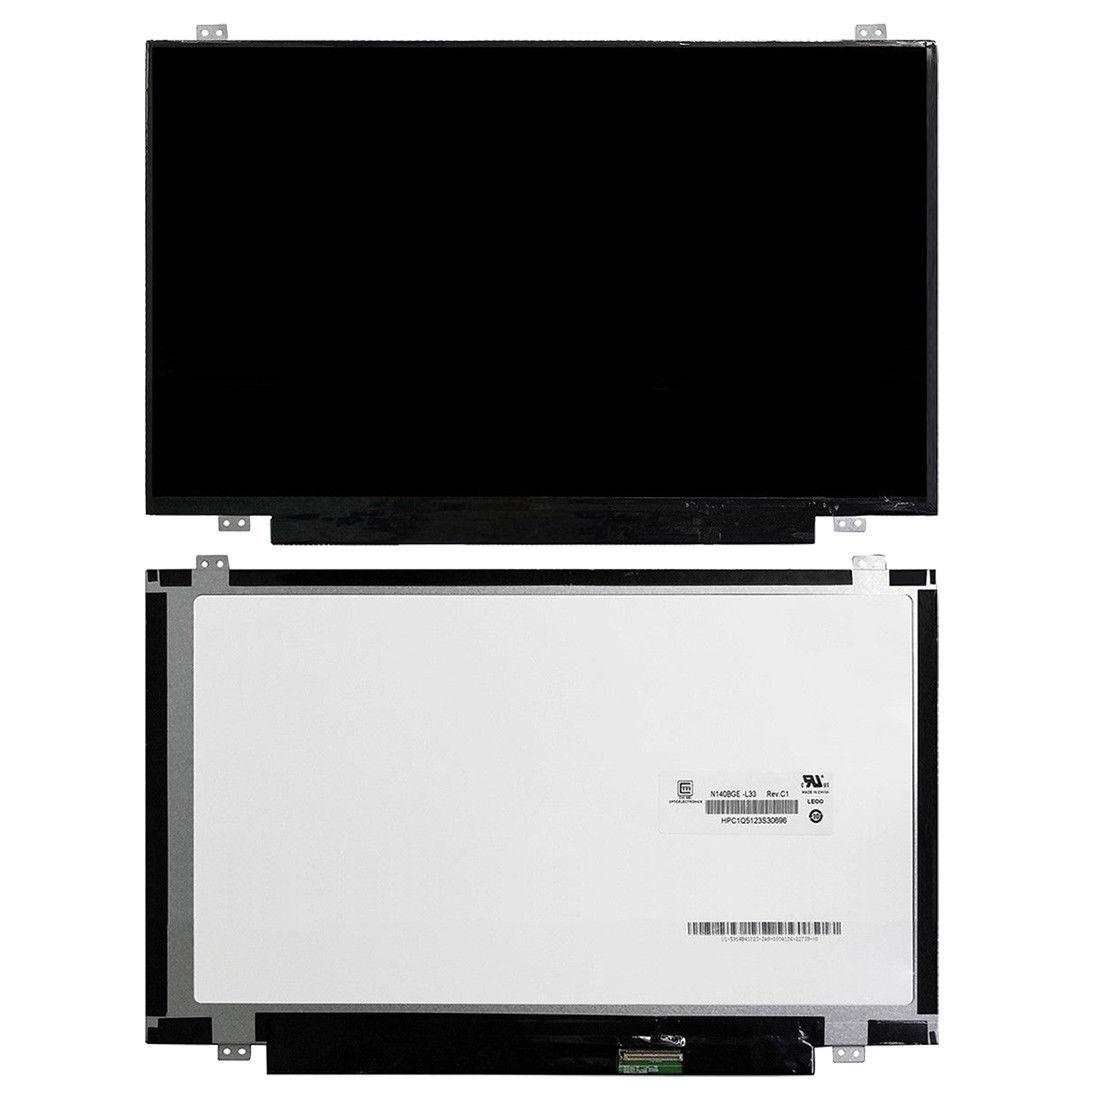 Thay màn hình laptop Sony Vaio Fit SVF14 14.0 slim 40 pin